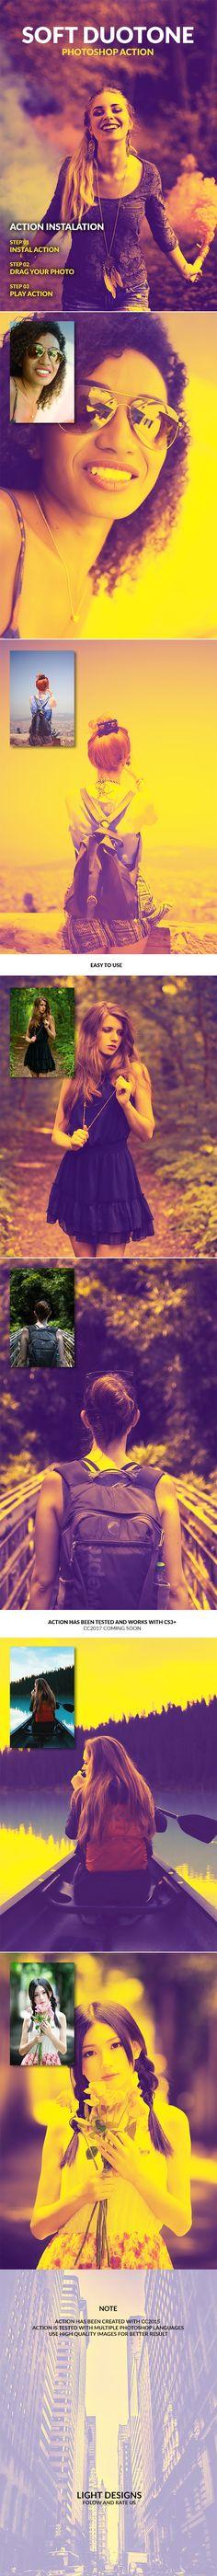 Soft Duotone — Photoshop ATN #matte #vintage • Download ➝ https://graphicriver.net/item/soft-duotone-photoshop-action/19745970?ref=pxcr